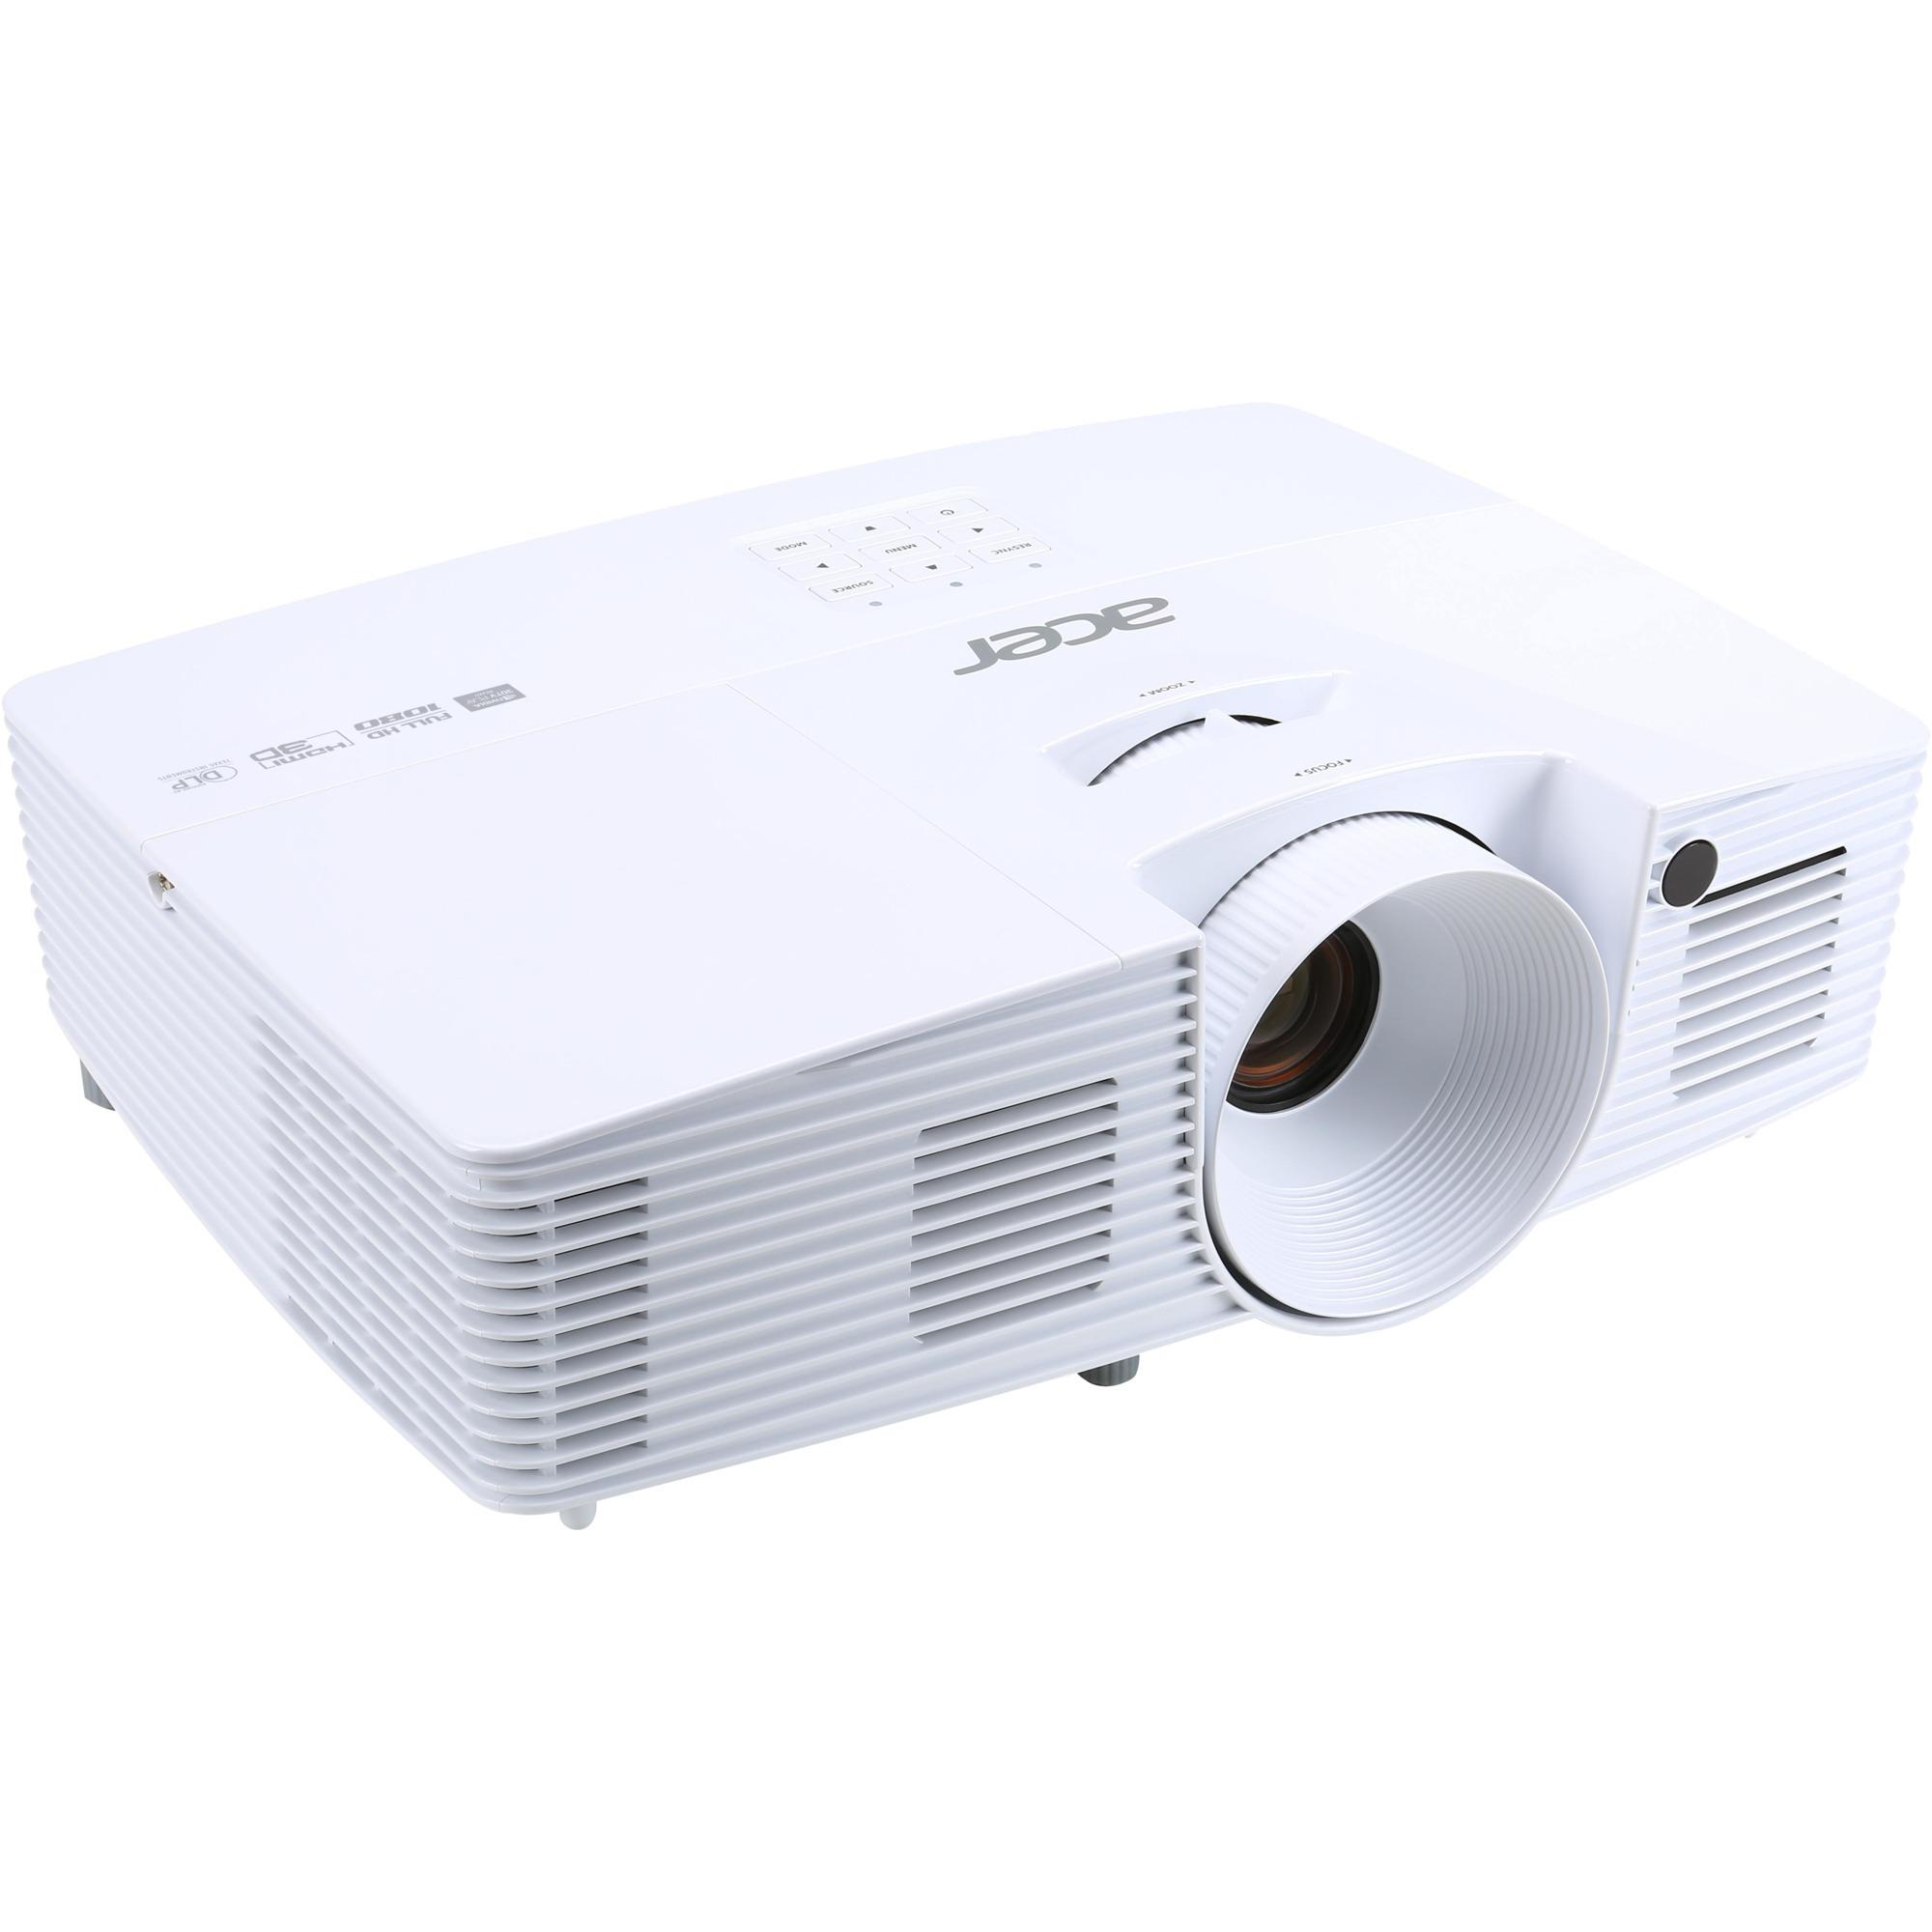 H6519ABD Projecteur de bureau 3400ANSI lumens DLP 1080p (1920x1080) Compatibilité 3D Blanc vidéo-projecteur, Projecteur DLP